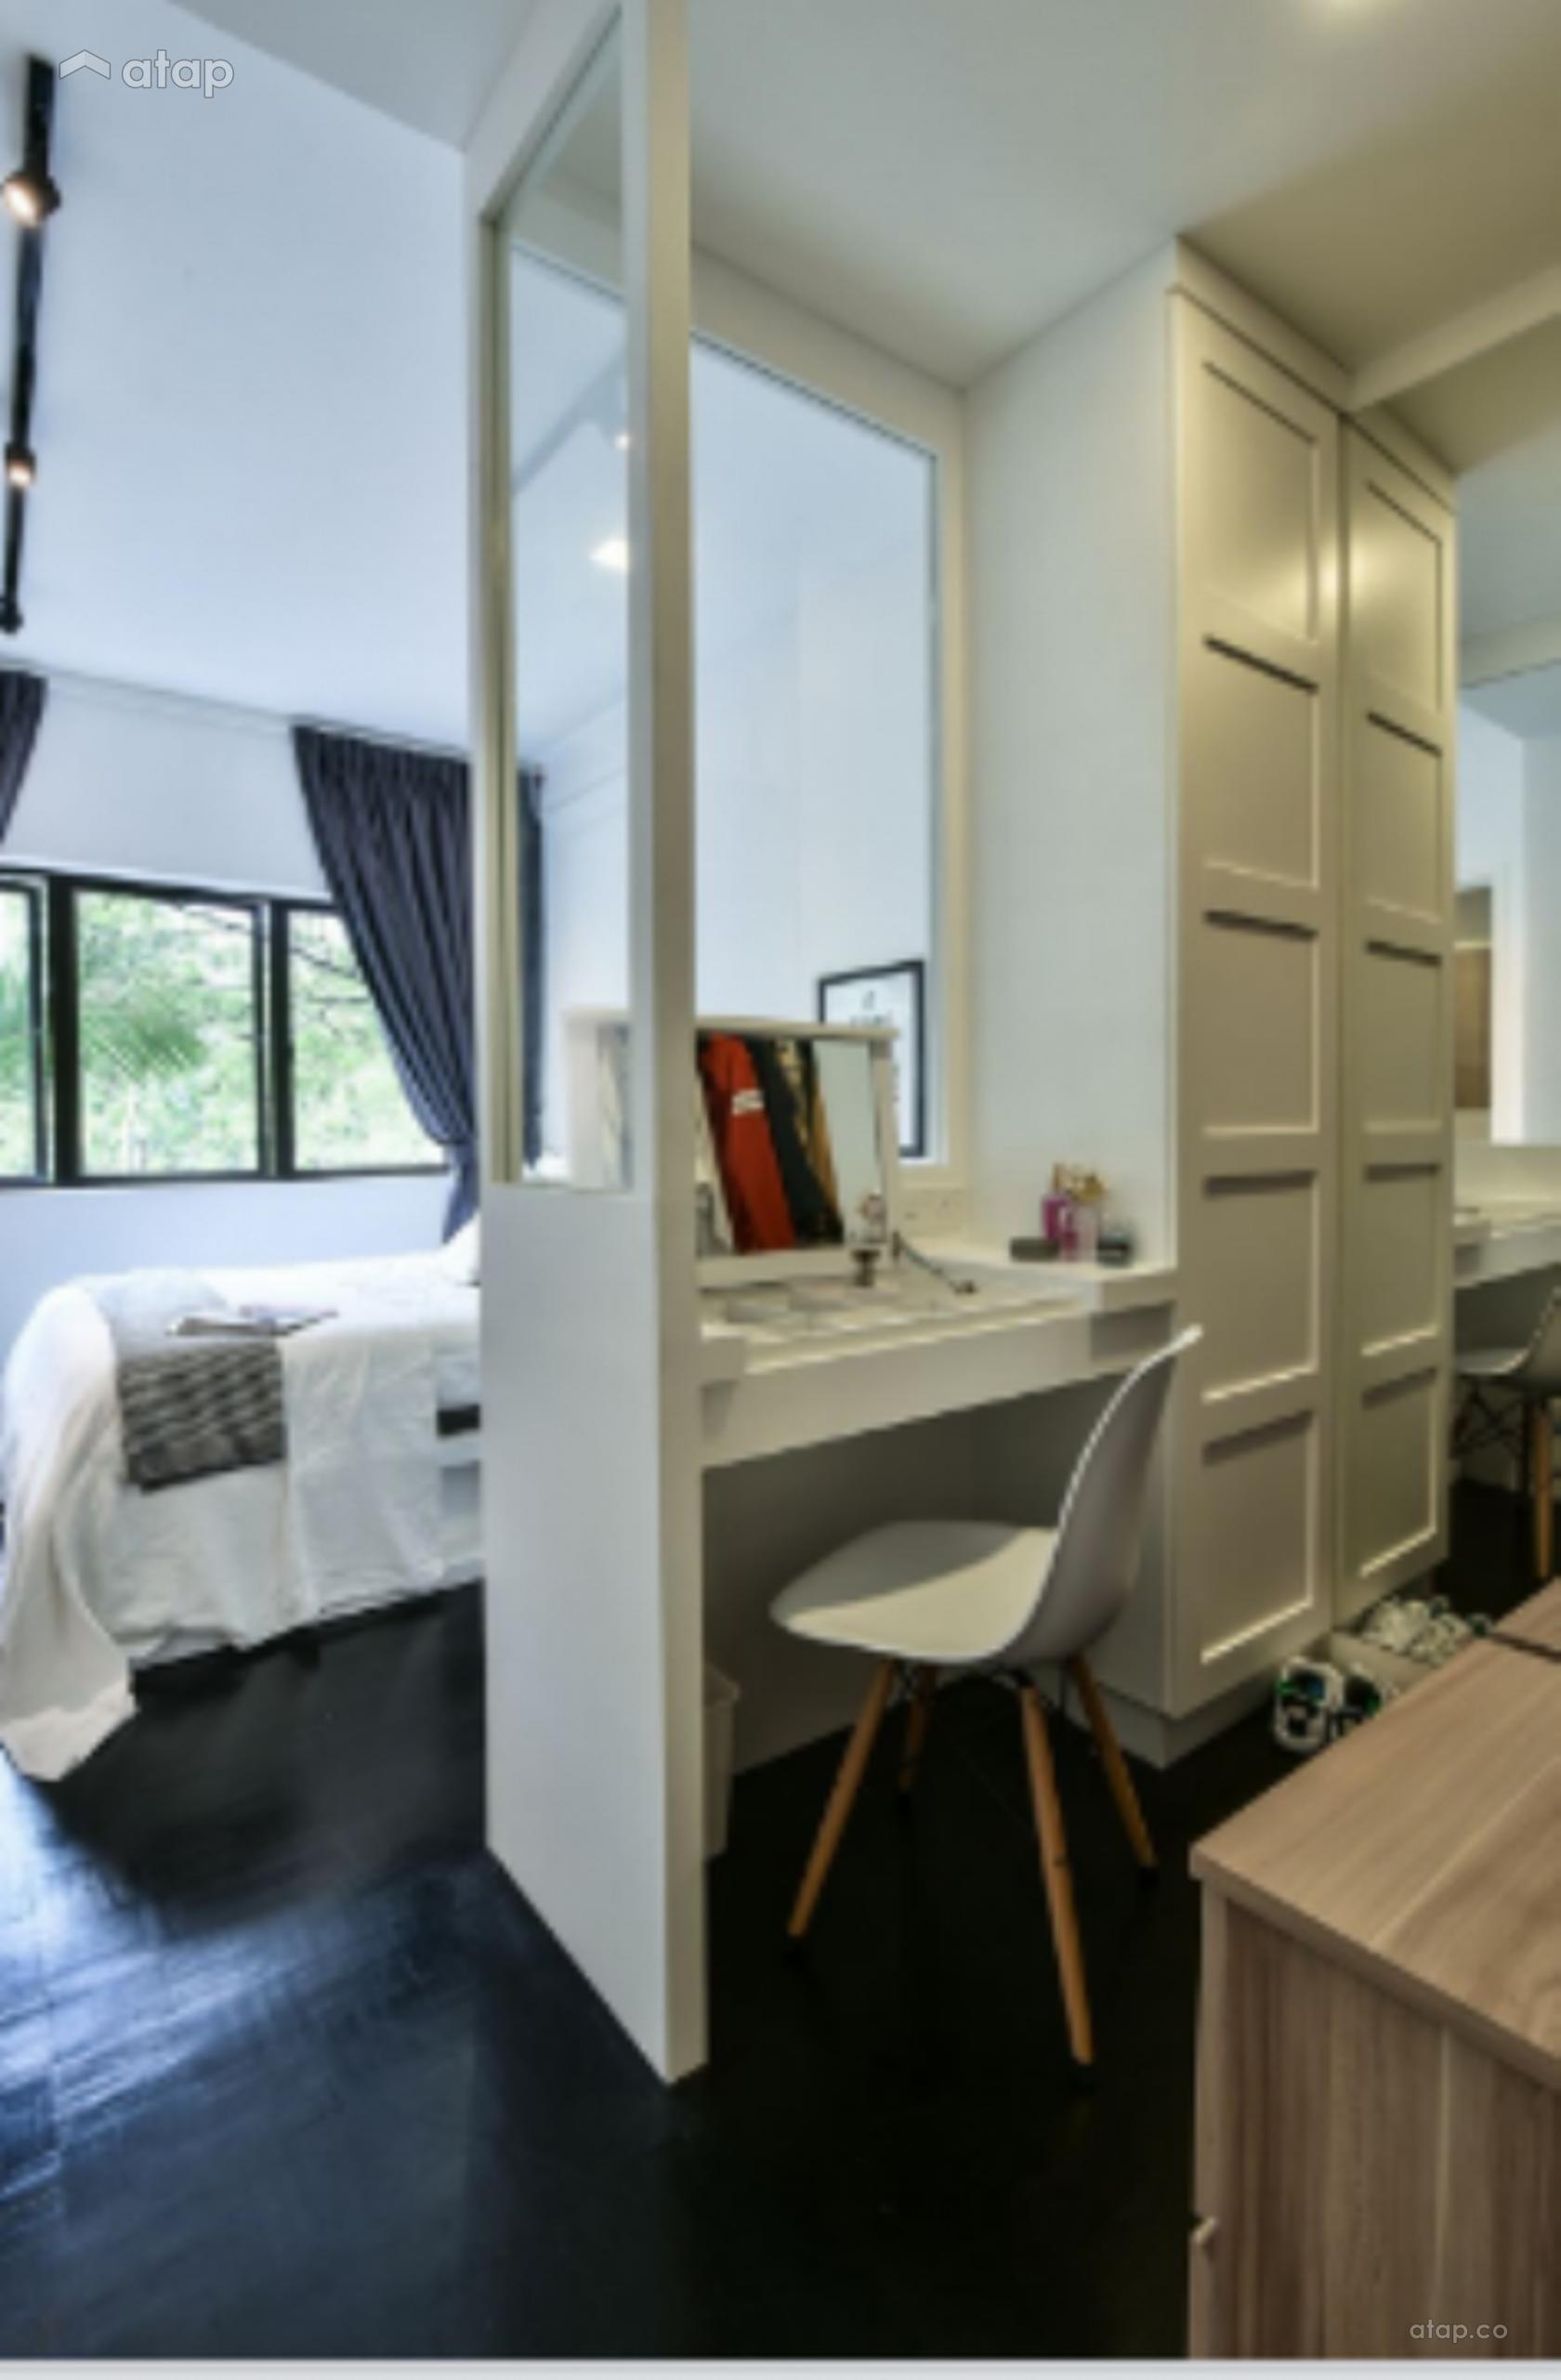 Condominium Study Room: Study Room Bedroom Condominium Design Ideas & Photos